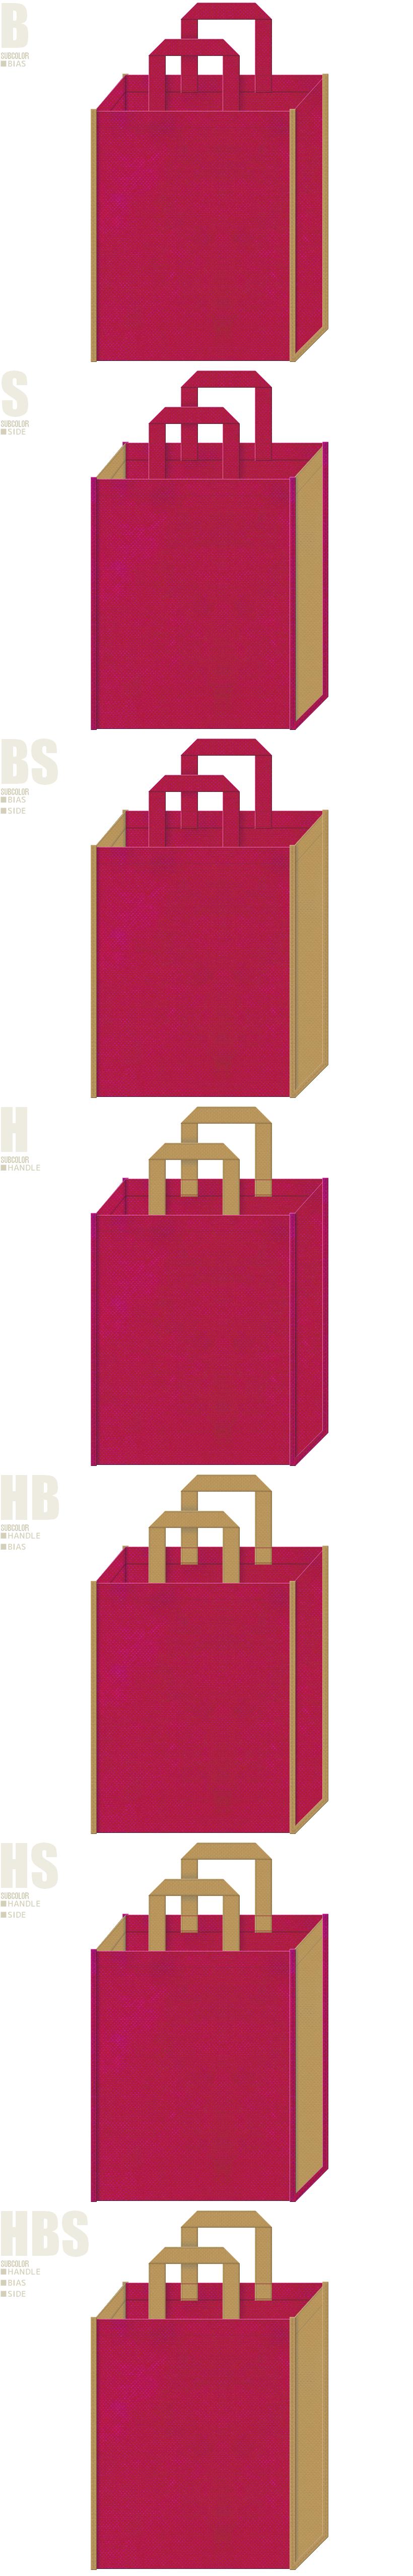 濃いピンク色と金色系黄土色、7パターンの不織布トートバッグ配色デザイン例。